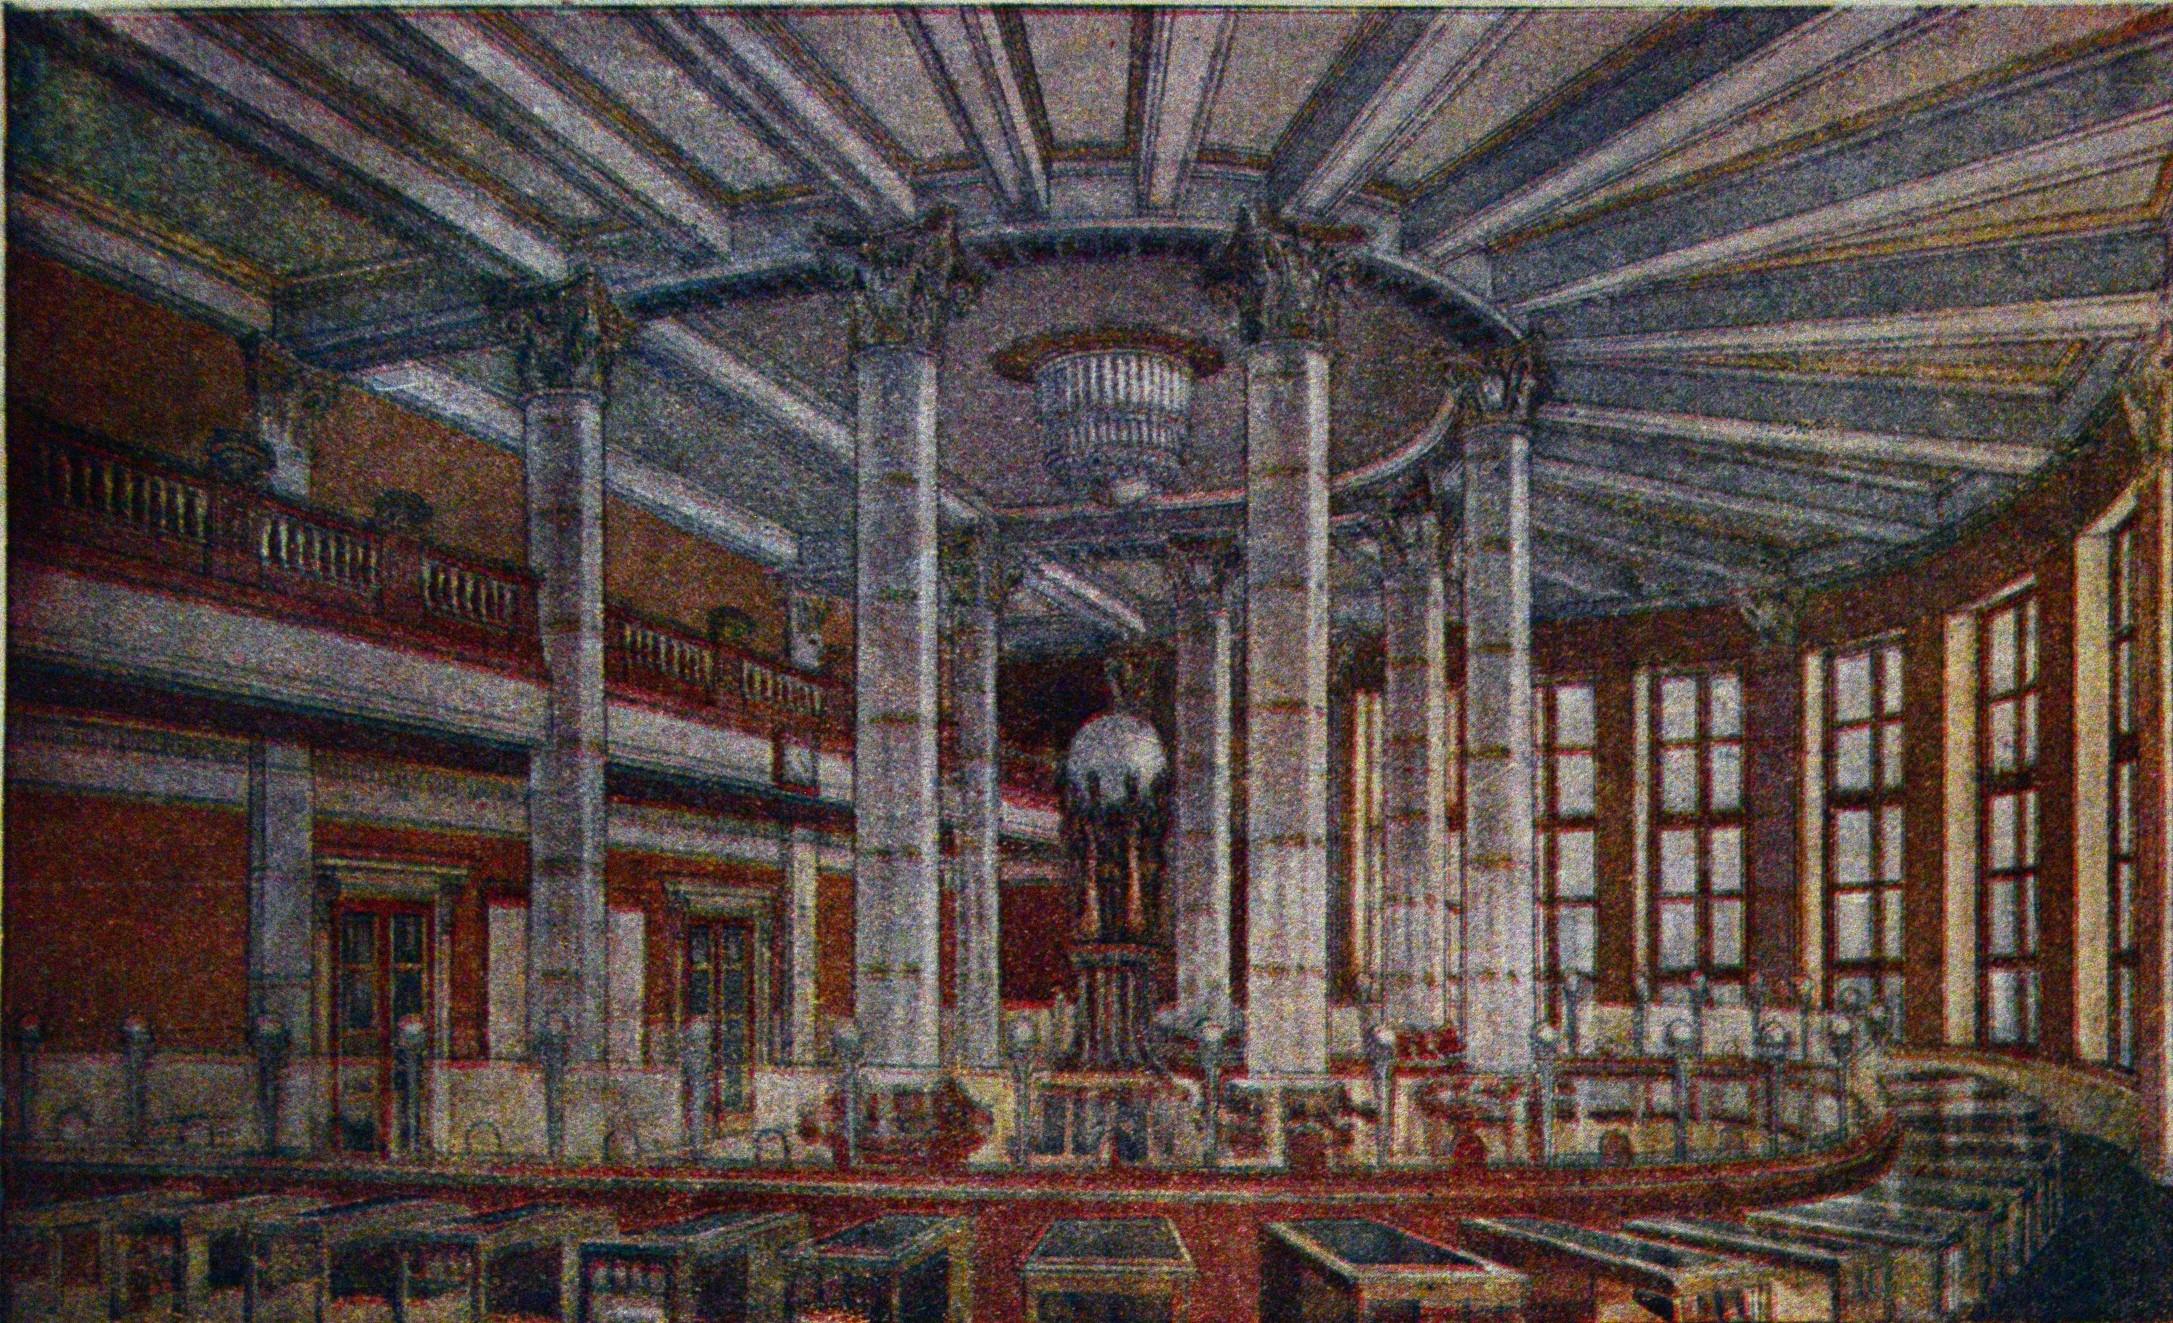 Архитектор Пети. Операционный зал дворца связи, 1936